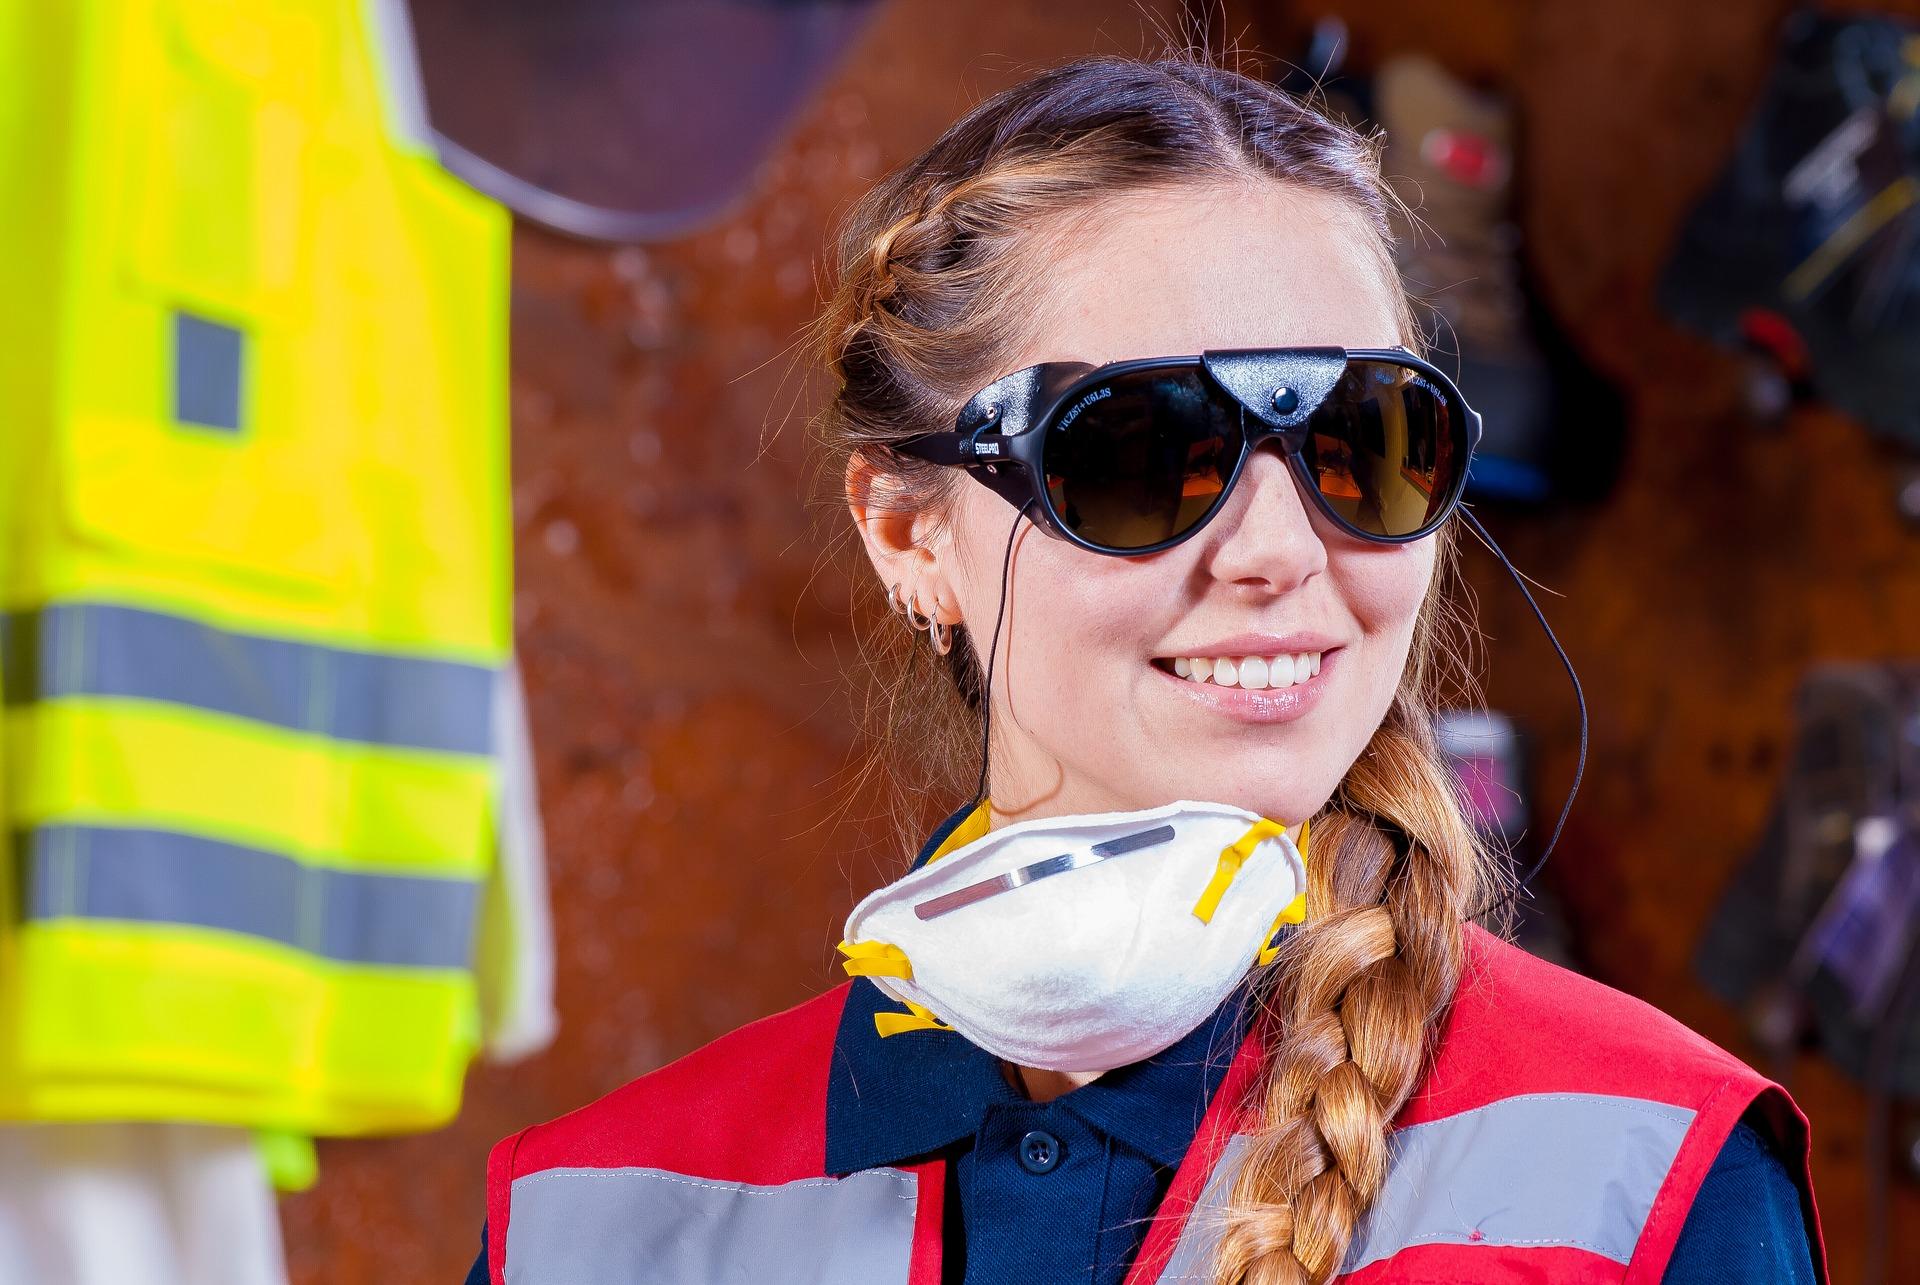 Higiene industrial, ¿por qué es fundamental para prevenir enfermedades del trabajo?